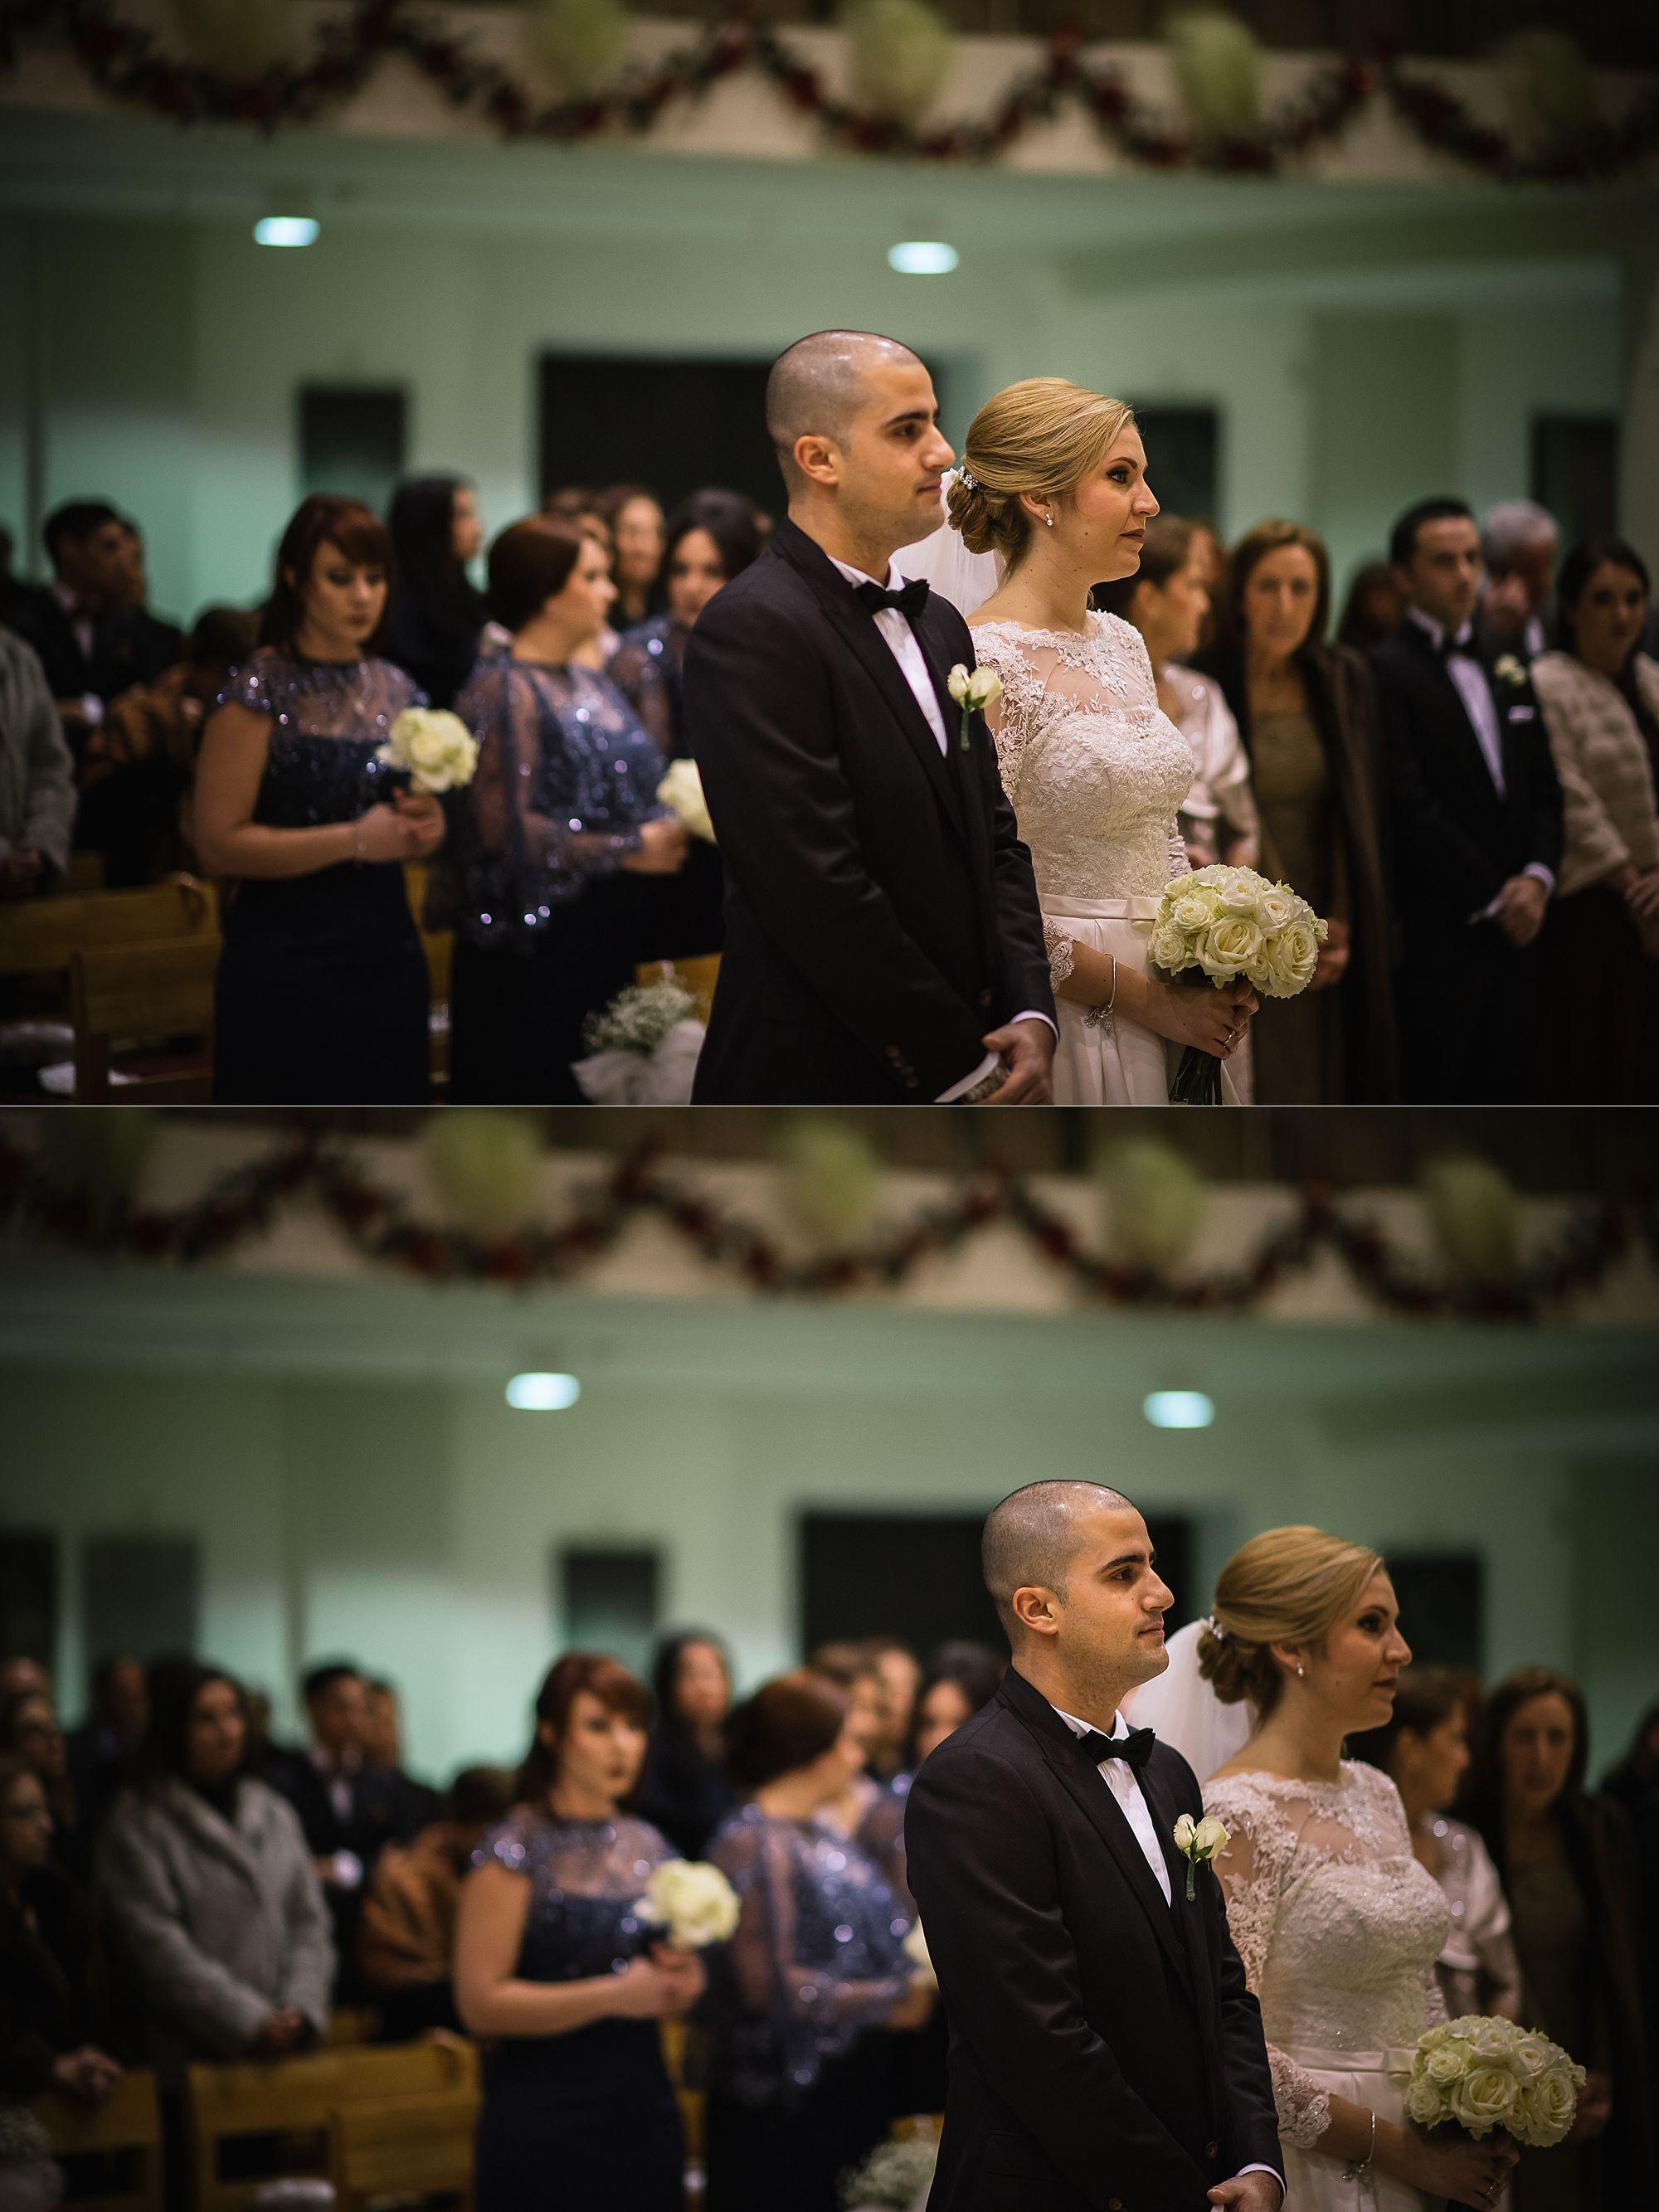 Clara & Luca - Villa Arrigo - Shane P. Watts Photography - Malta